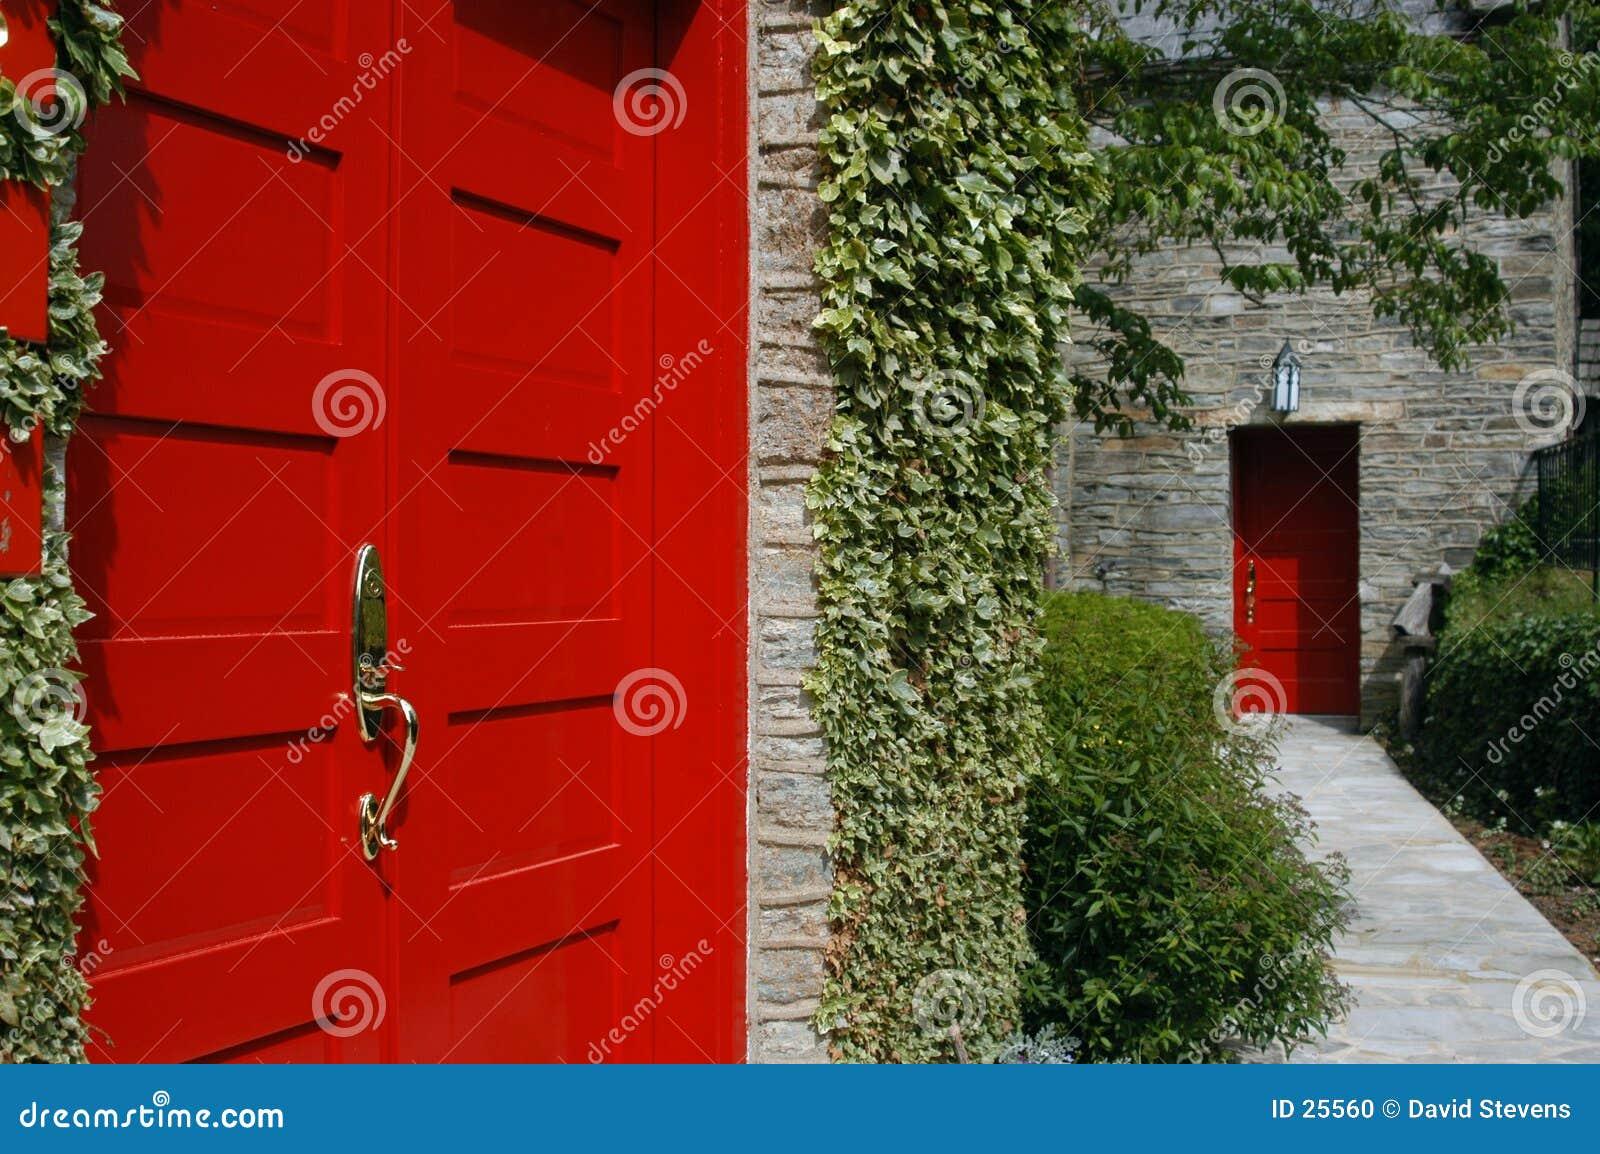 Red Doors